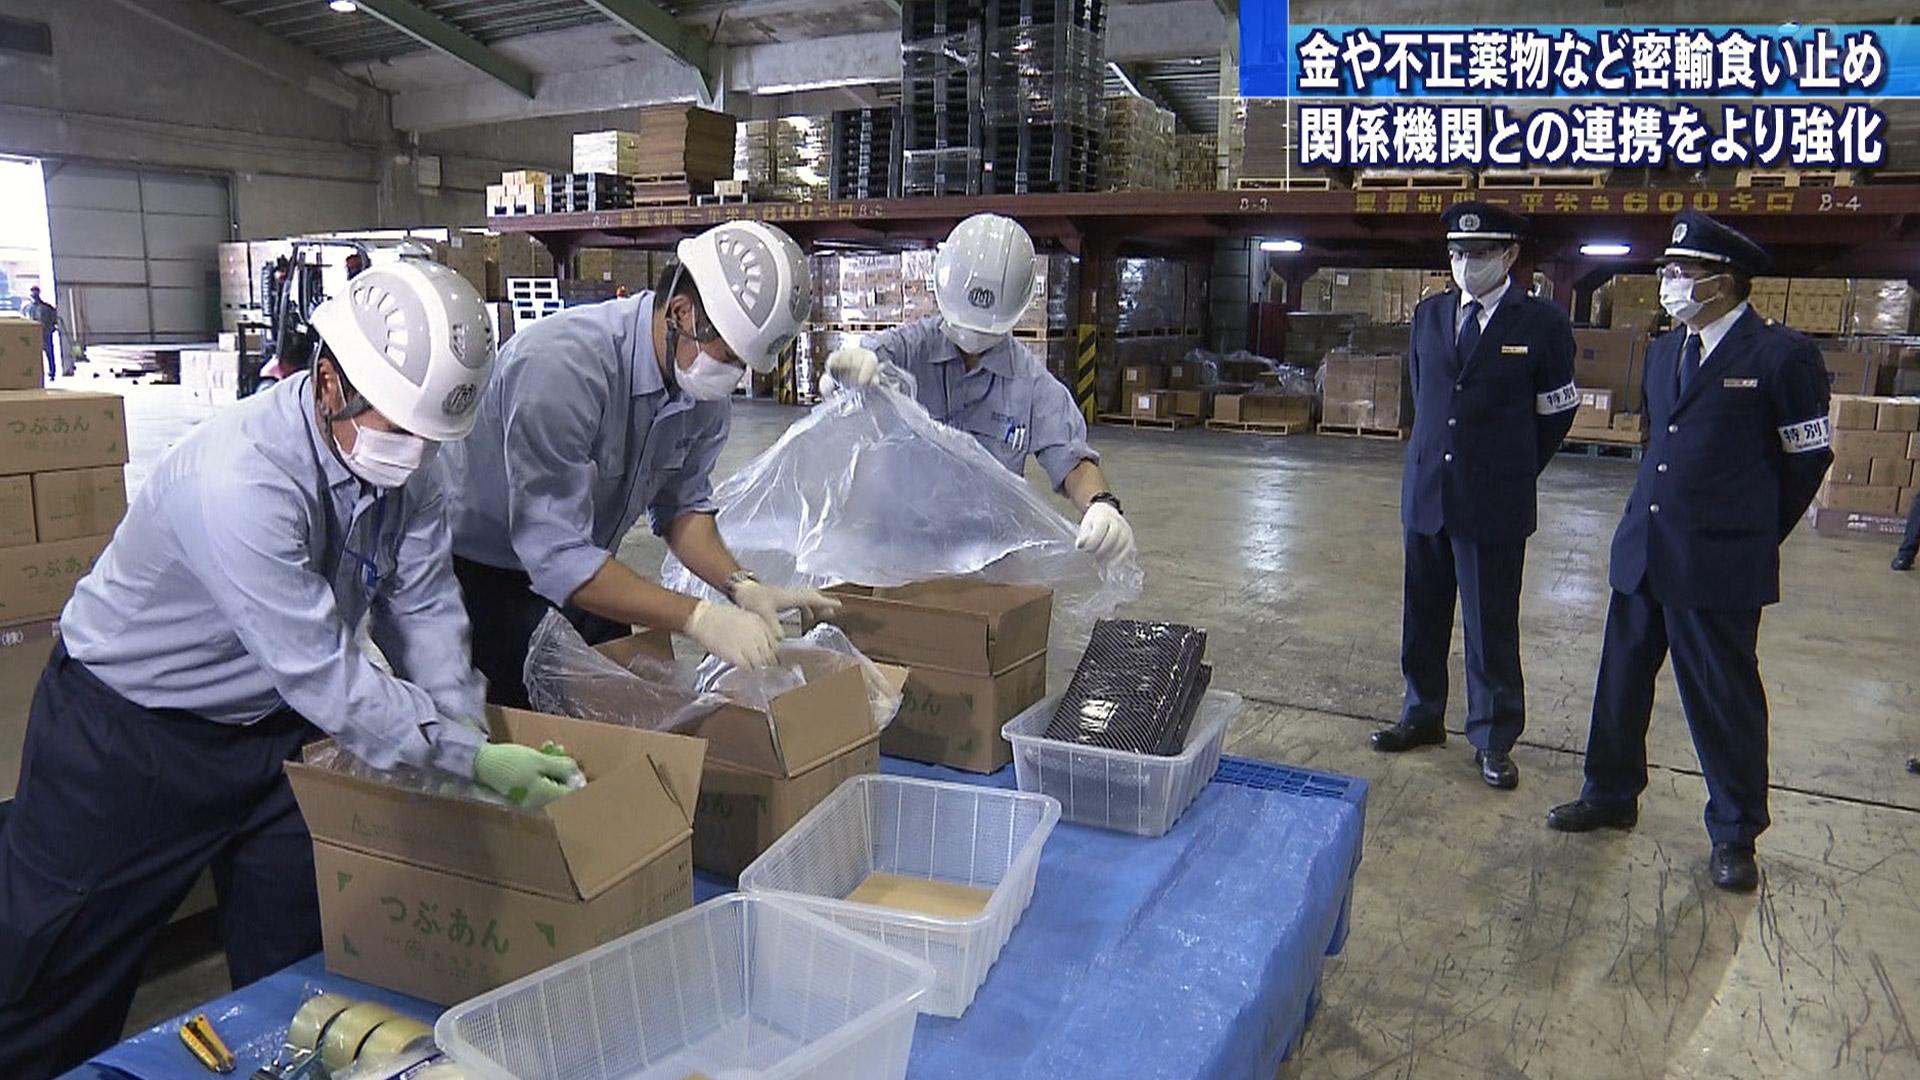 沖縄地区税関 年末特別警戒出陣式